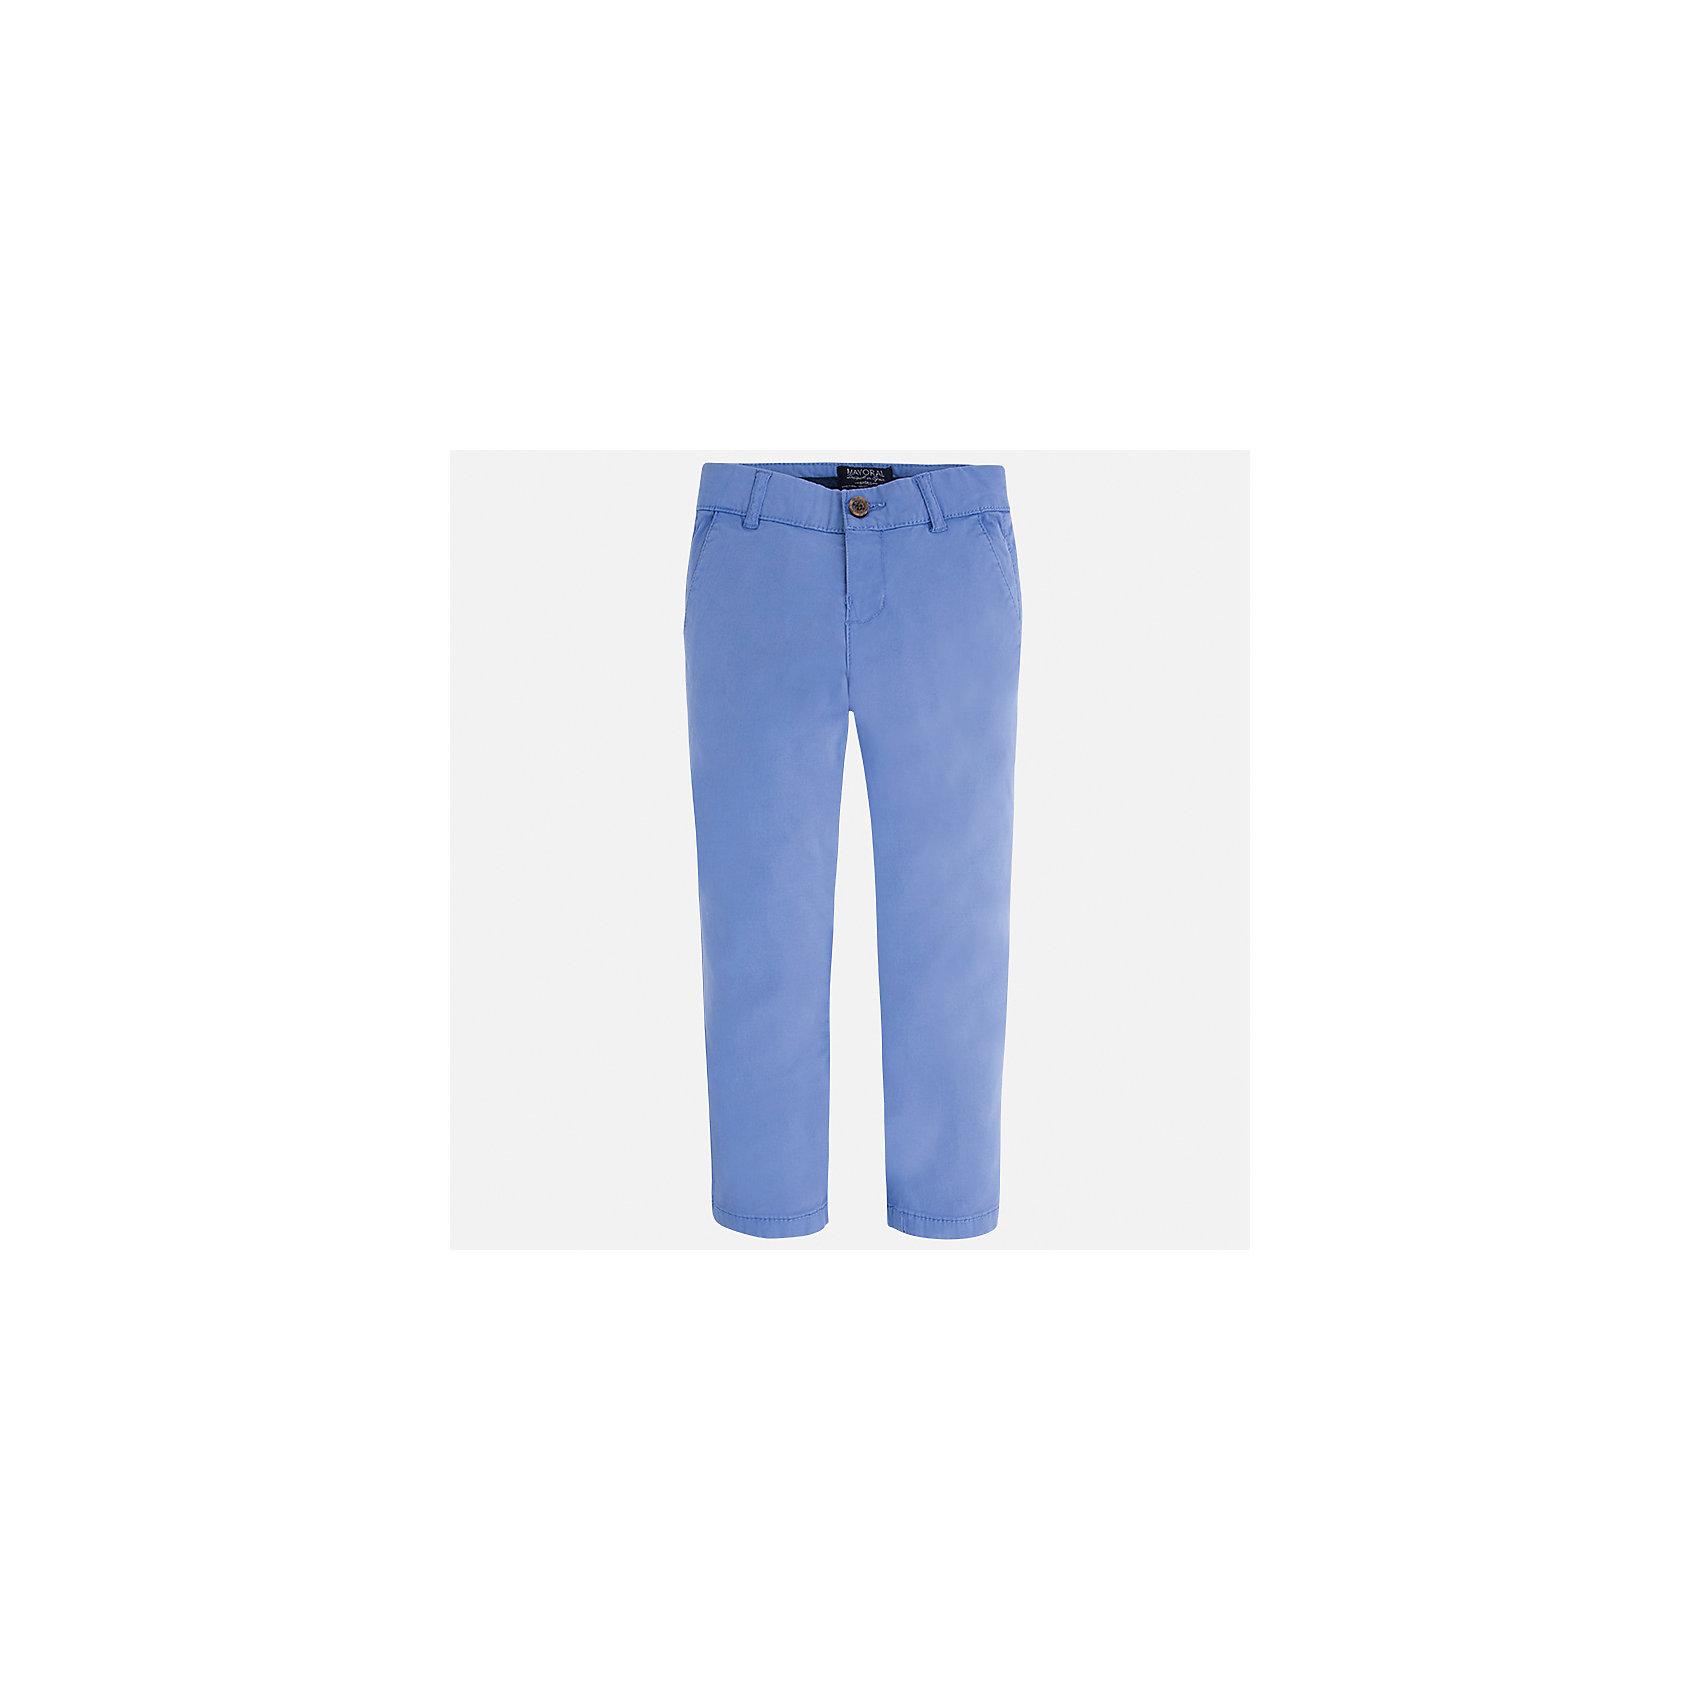 Брюки для мальчика MayoralПолоска<br>Характеристики товара:<br><br>• цвет: голубой<br>• состав: 98% хлопок, 2% эластан<br>• застежка: кнопка<br>• шлевки<br>• карманы<br>• пояс с регулировкой размера<br>• классический силуэт<br>• страна бренда: Испания<br><br>Стильные и удобные брюки для мальчика смогут стать базовой вещью в гардеробе ребенка. Они отлично сочетаются с майками, футболками, рубашками и т.д. Универсальный крой и цвет позволяет подобрать к вещи верх разных расцветок. Практичное и стильное изделие! В составе материала - натуральный хлопок, гипоаллергенный, приятный на ощупь, дышащий.<br><br>Одежда, обувь и аксессуары от испанского бренда Mayoral полюбились детям и взрослым по всему миру. Модели этой марки - стильные и удобные. Для их производства используются только безопасные, качественные материалы и фурнитура. Порадуйте ребенка модными и красивыми вещами от Mayoral! <br><br>Брюки для мальчика от испанского бренда Mayoral (Майорал) можно купить в нашем интернет-магазине.<br><br>Ширина мм: 215<br>Глубина мм: 88<br>Высота мм: 191<br>Вес г: 336<br>Цвет: голубой<br>Возраст от месяцев: 18<br>Возраст до месяцев: 24<br>Пол: Мужской<br>Возраст: Детский<br>Размер: 92,128,116,110,104,98,134,122<br>SKU: 5278080